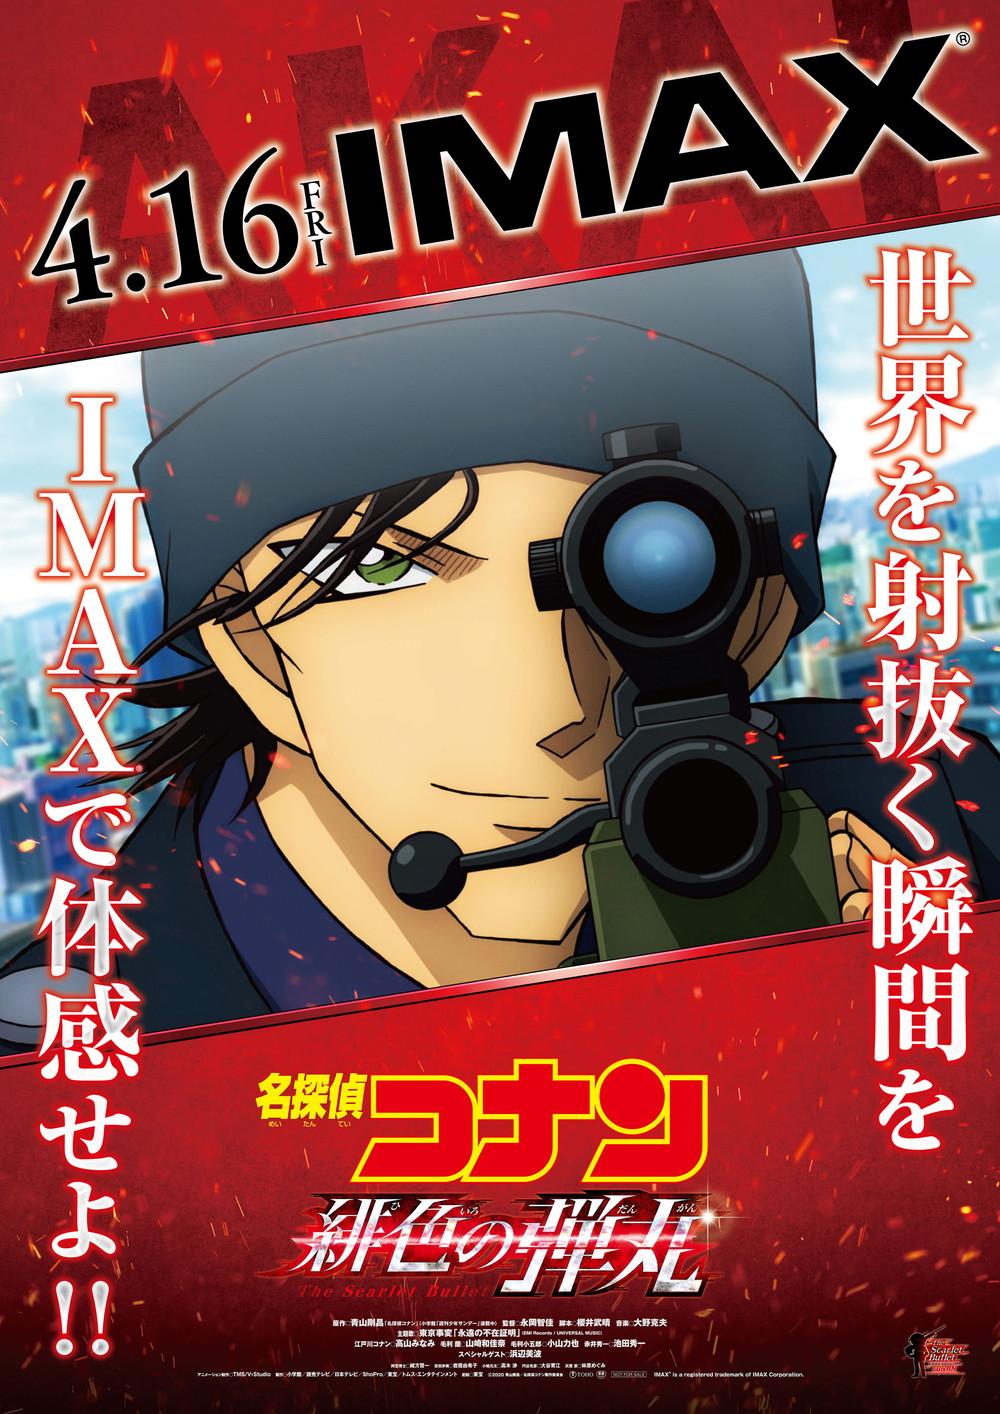 『名探偵コナン 緋色の弾丸』IMAXポスター